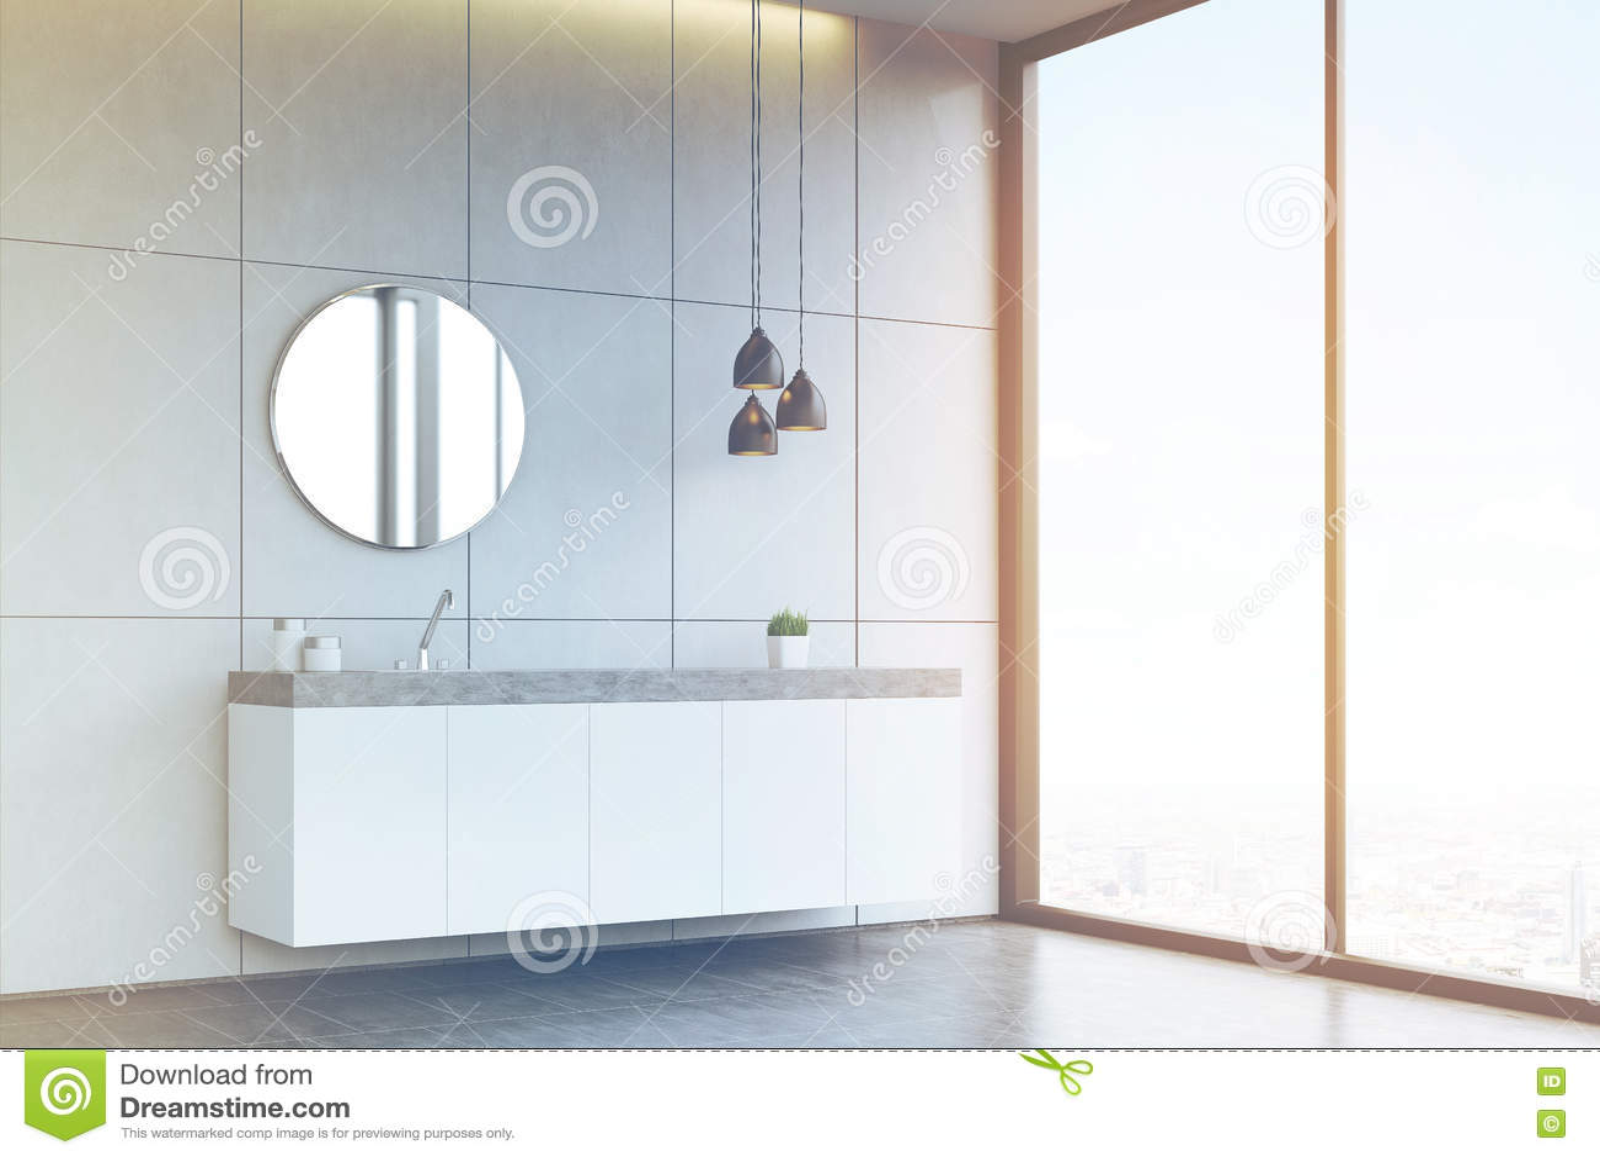 Vista laterale di un lavandino del bagno con lo specchio rotondo sulla parete piastrellata co - Specchio bagno rotondo ...